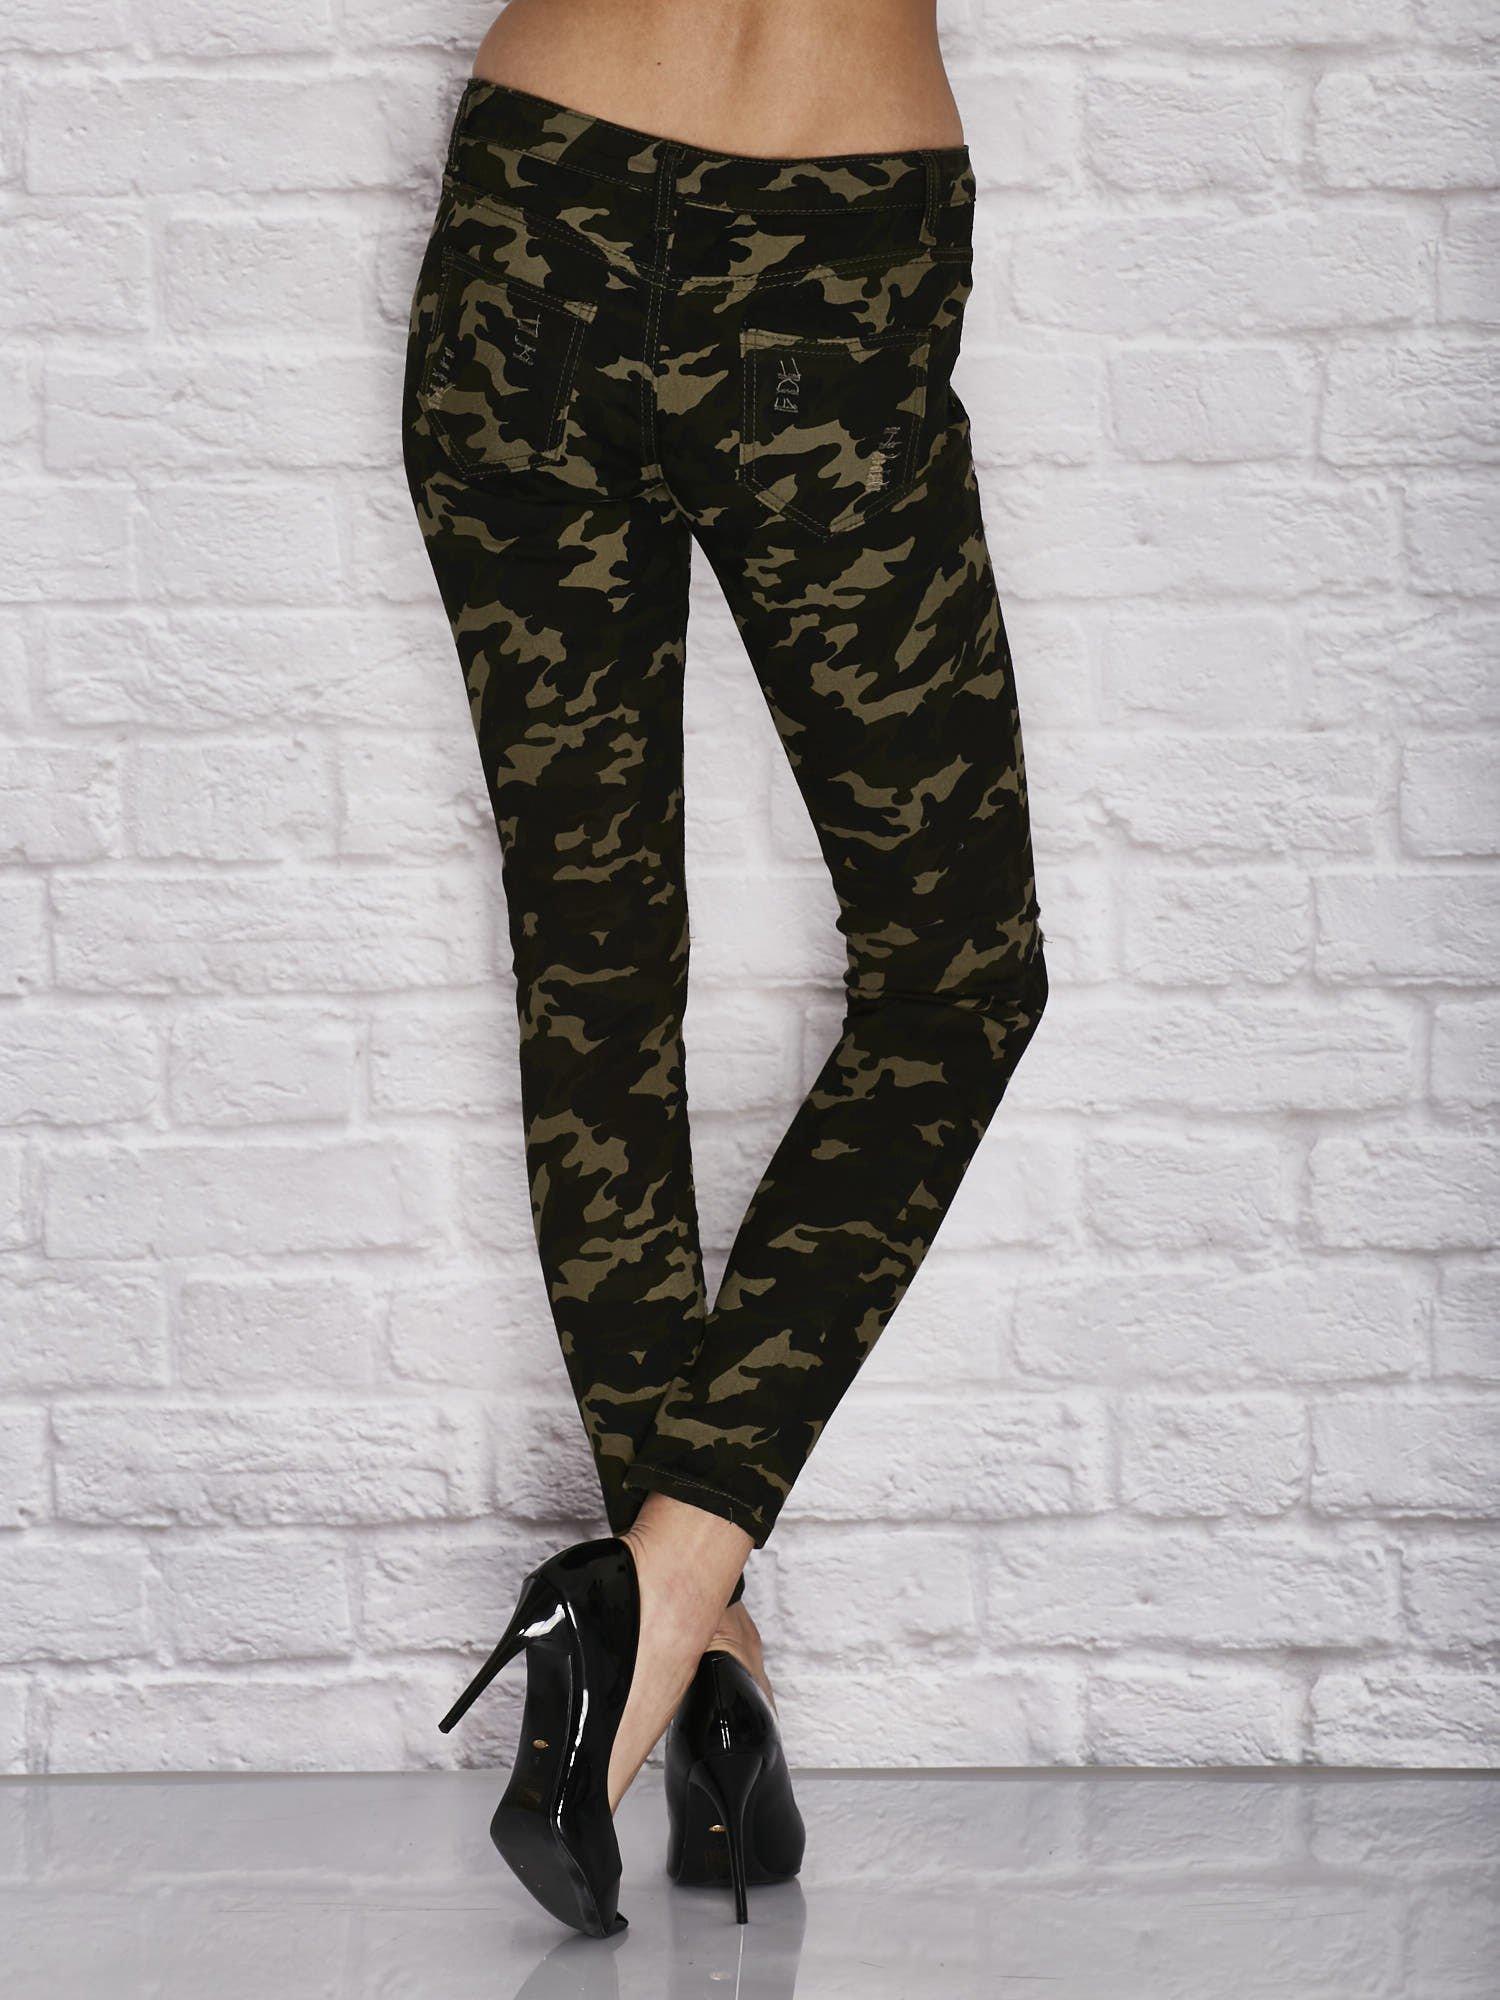 af3ab74639f630 Spodnie damskie rurki w moro wzór z dziurami i ćwiekami zielone - Spodnie z  materiału - sklep eButik.pl